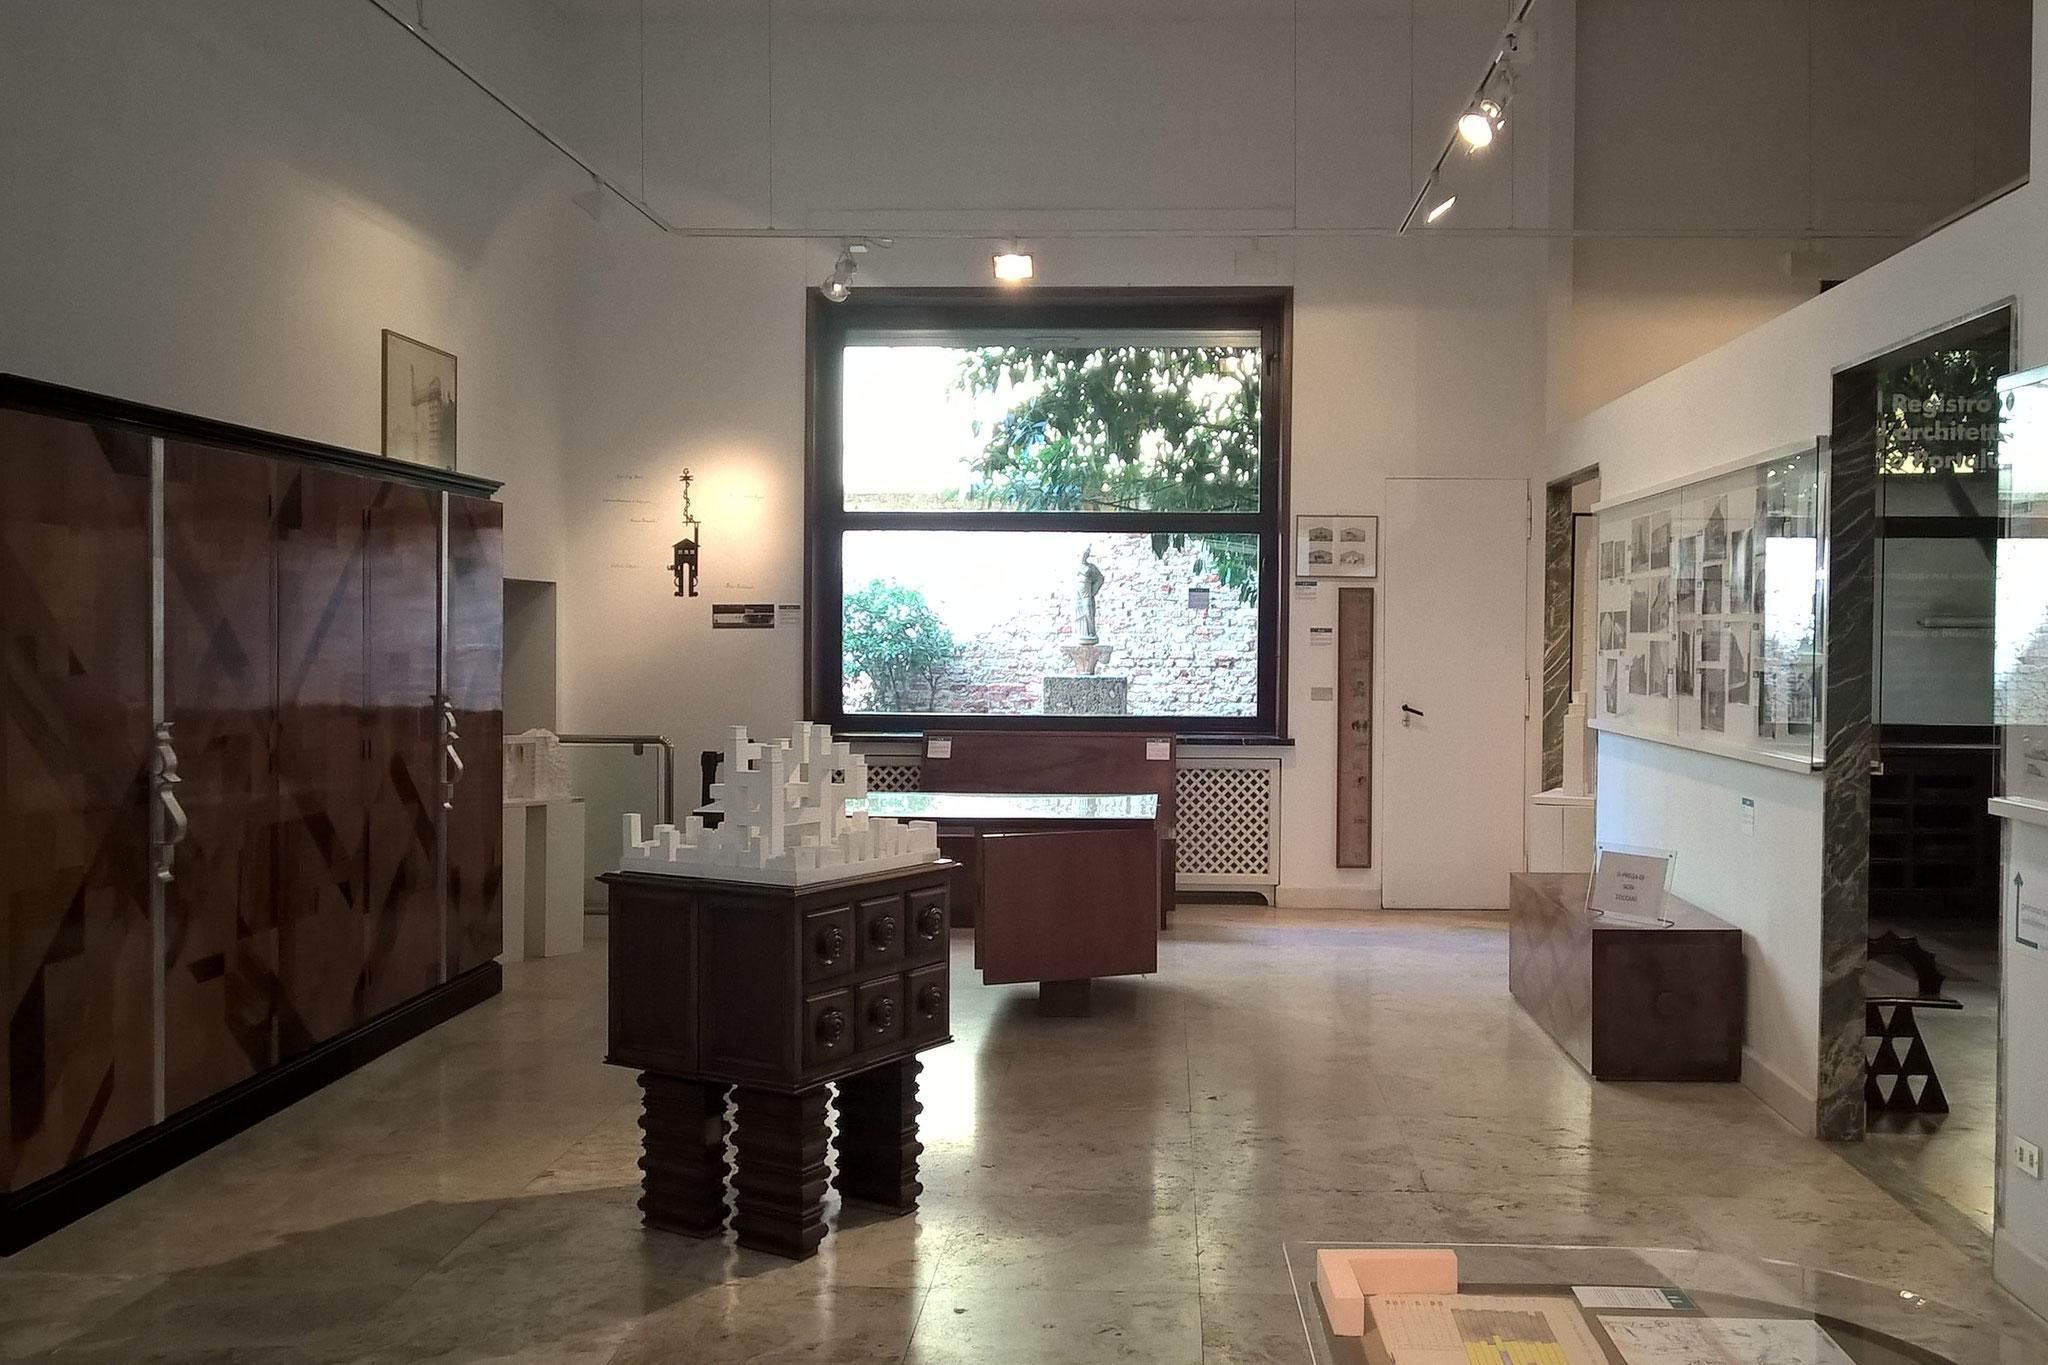 Ufficio Stampa Architettura Milano : Portaluppi a milano milanoguida visite guidate a mostre e